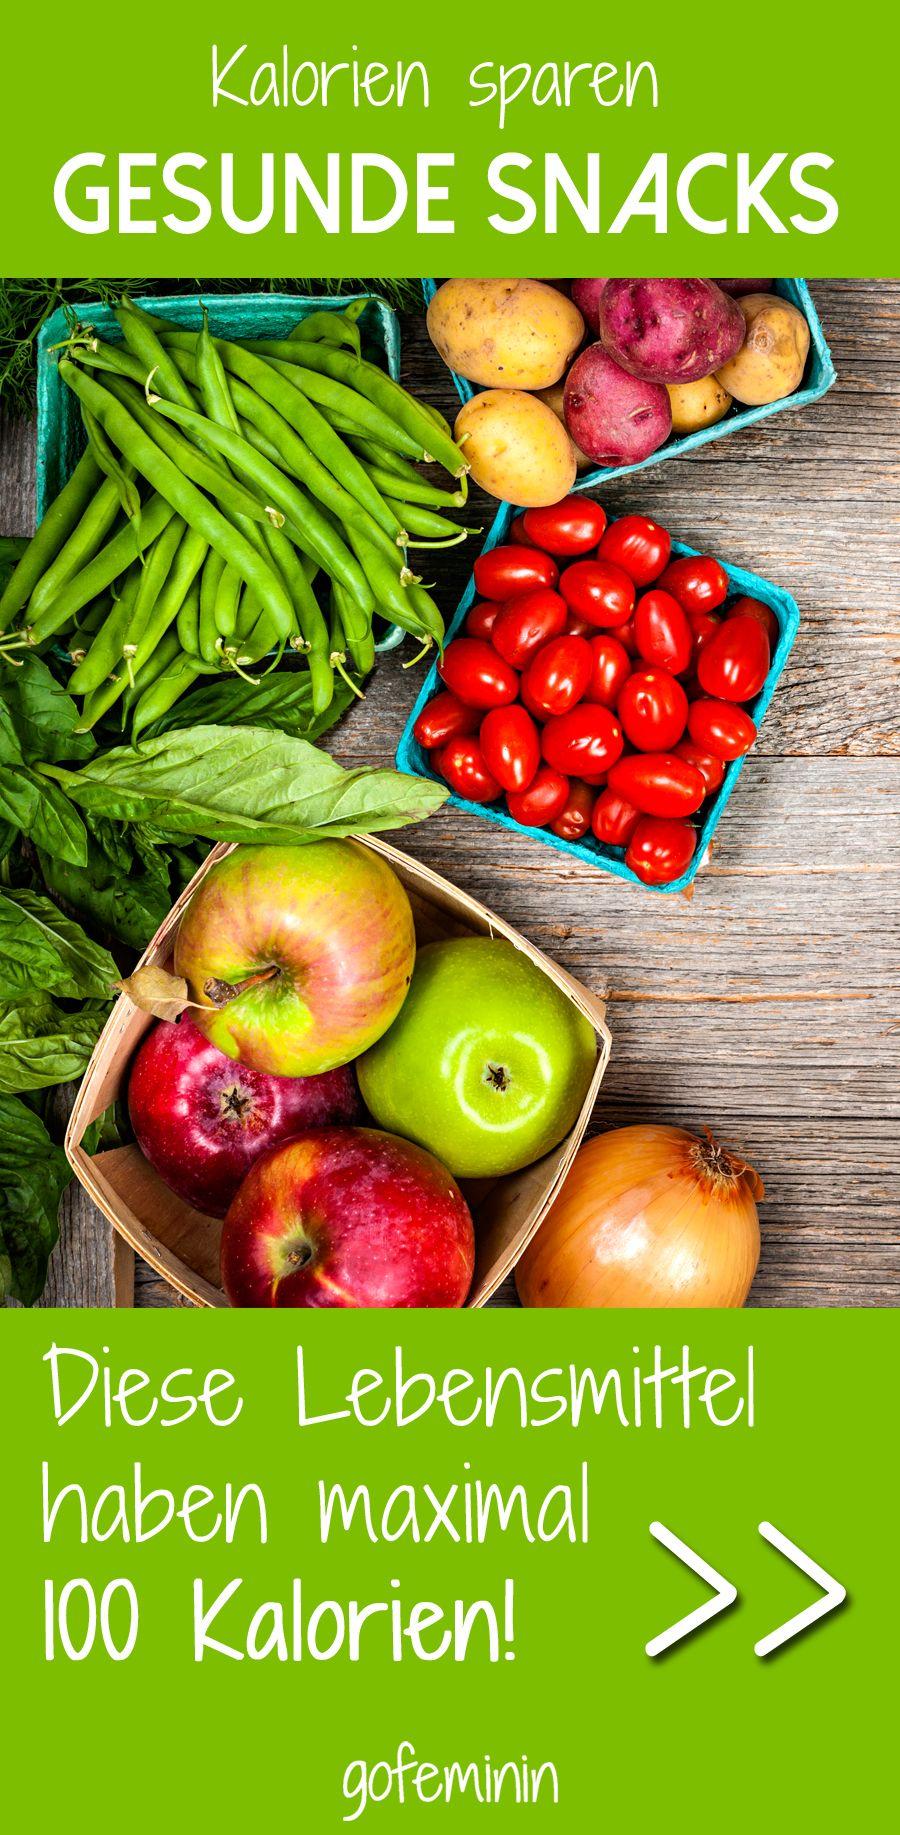 echte leichtgewichte gesunde snacks mit maximal 100 kcal abnehmen tipps workouts. Black Bedroom Furniture Sets. Home Design Ideas